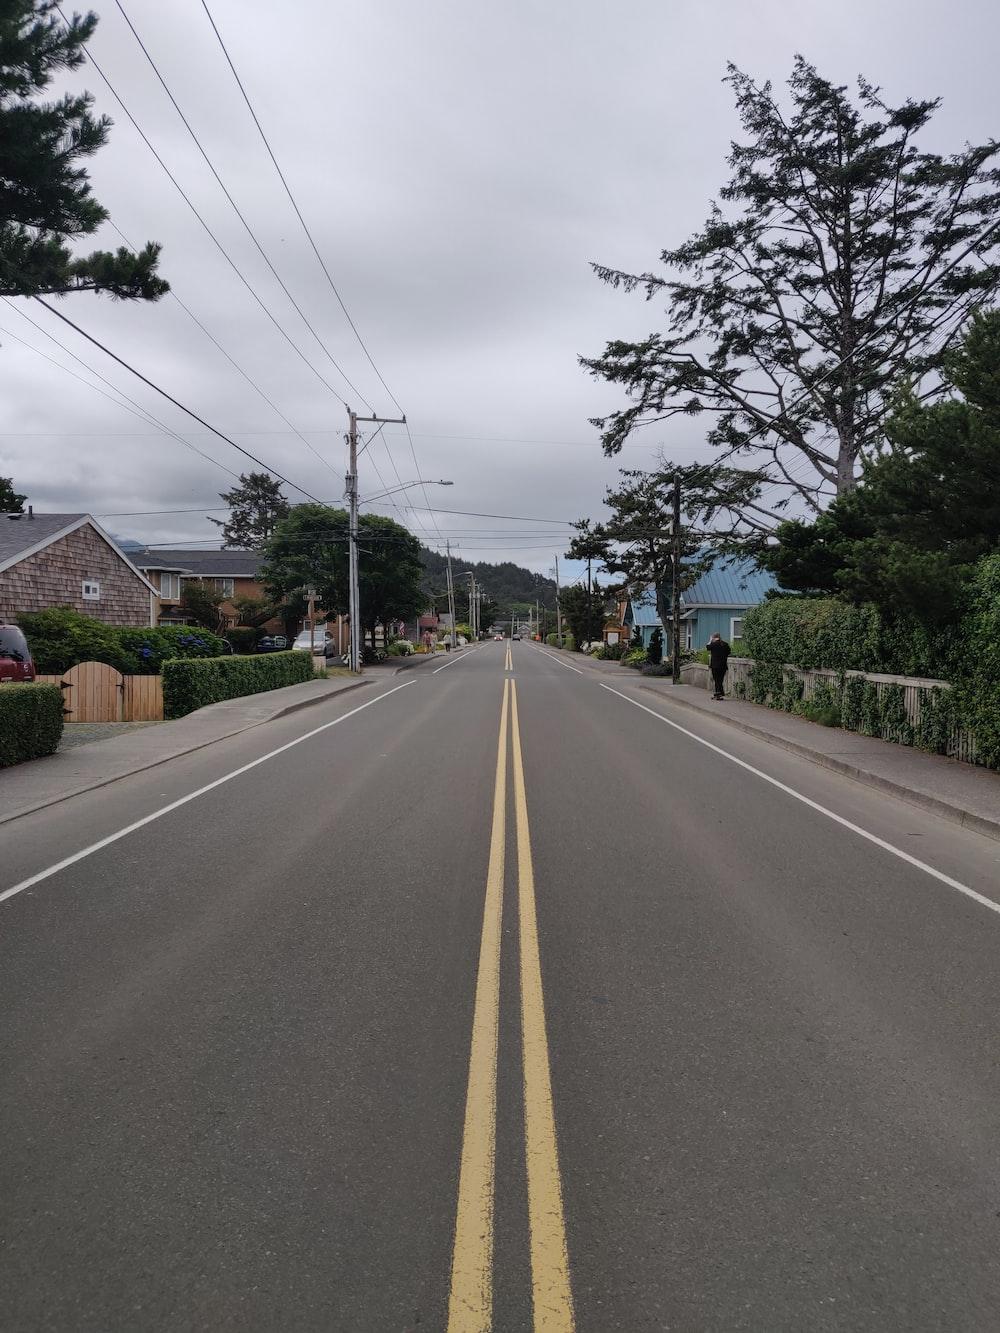 road yellow lane